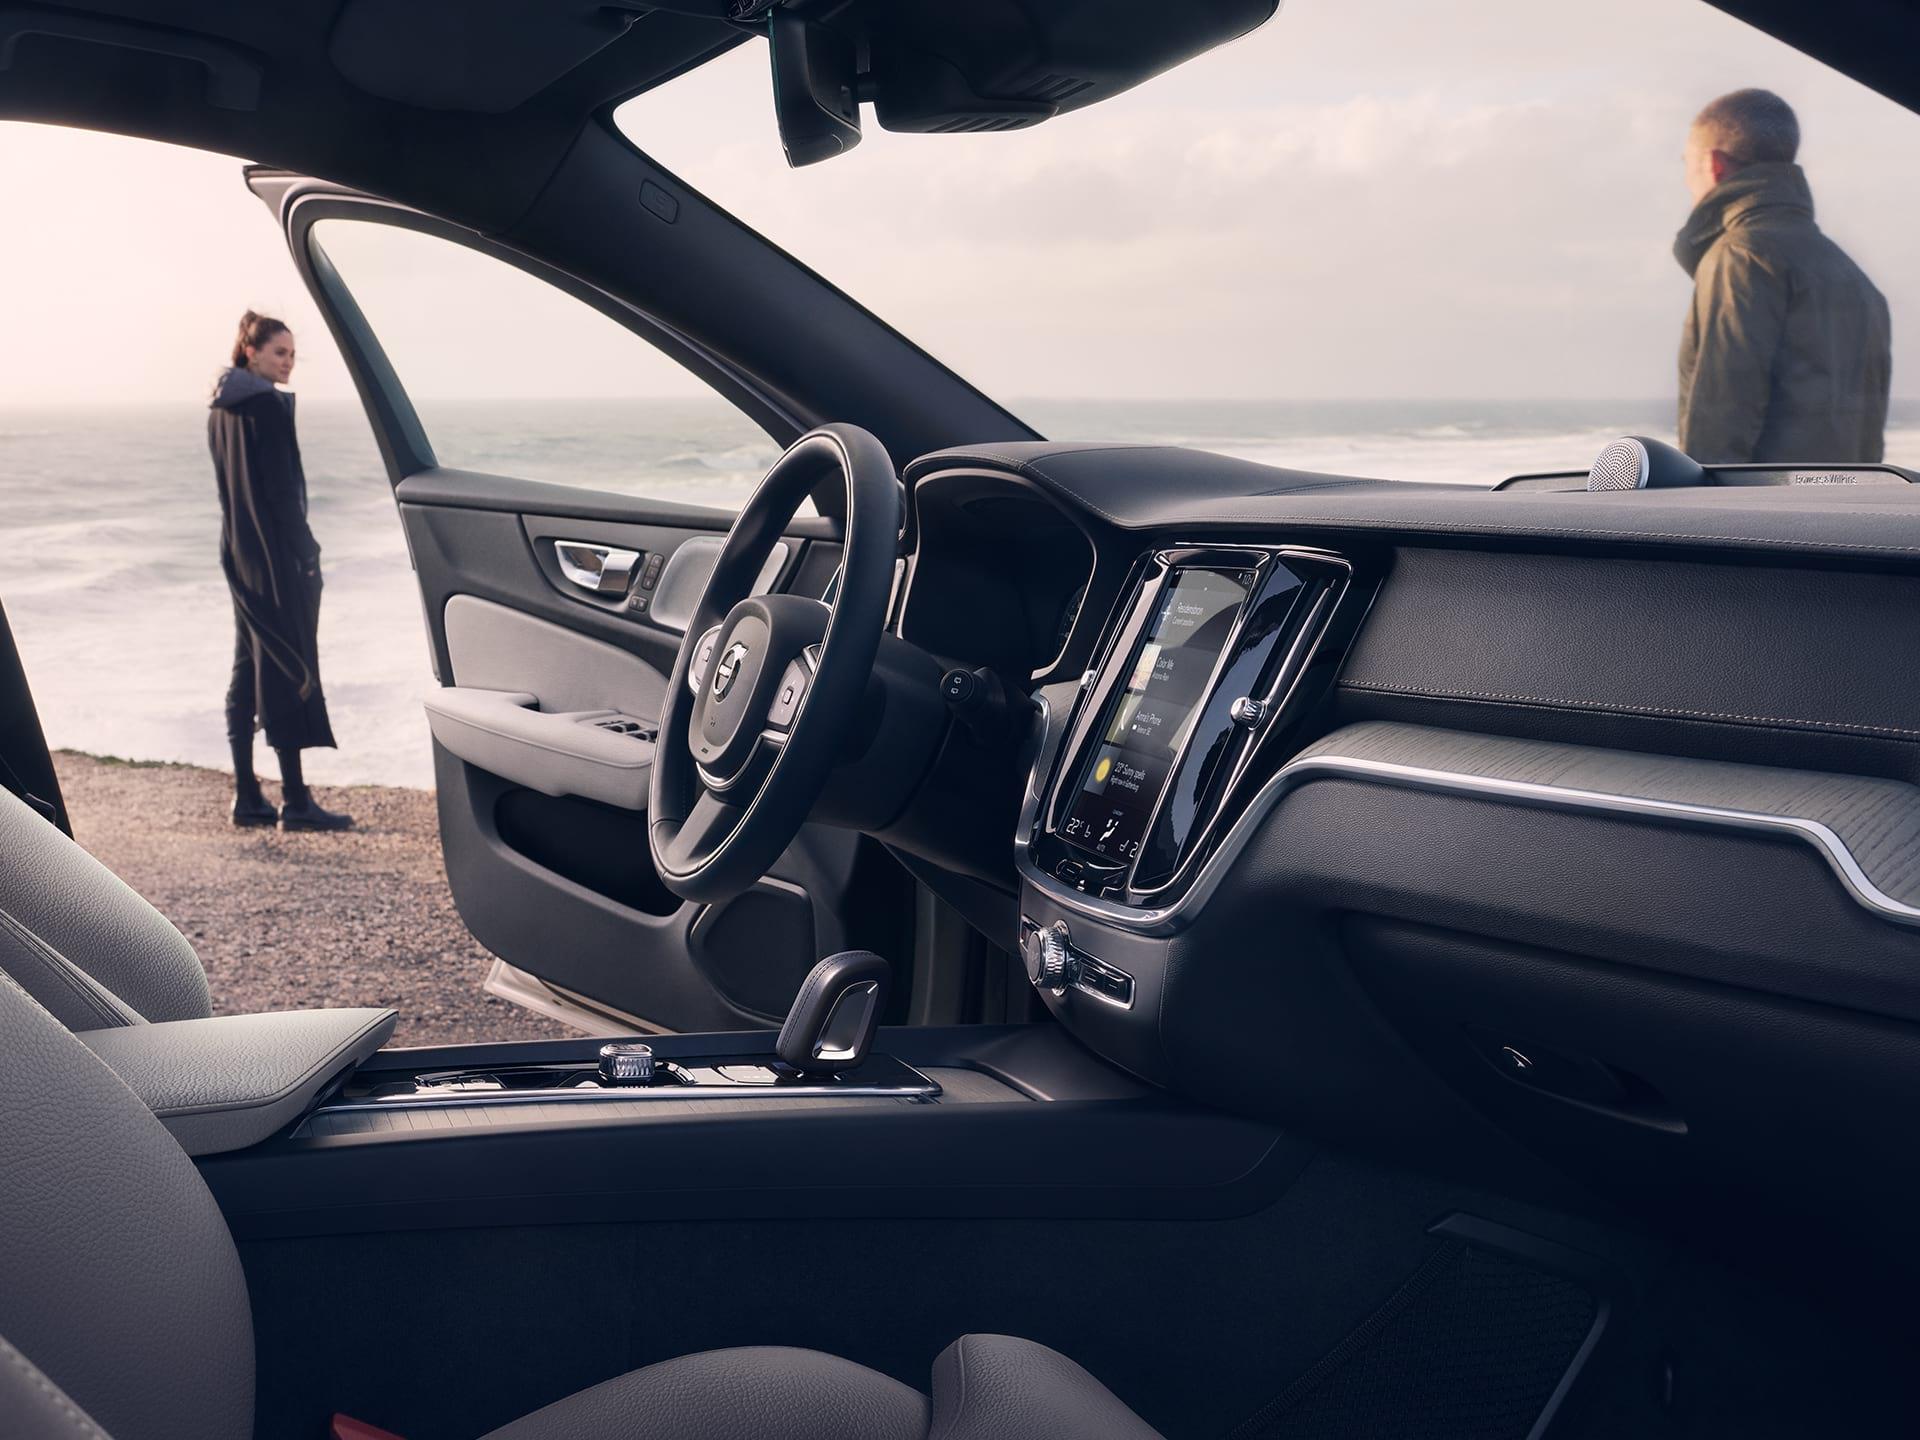 Eine Frau steht am Strand, eine Tür ihres Volvo V60 Cross Country ist geöffnet.